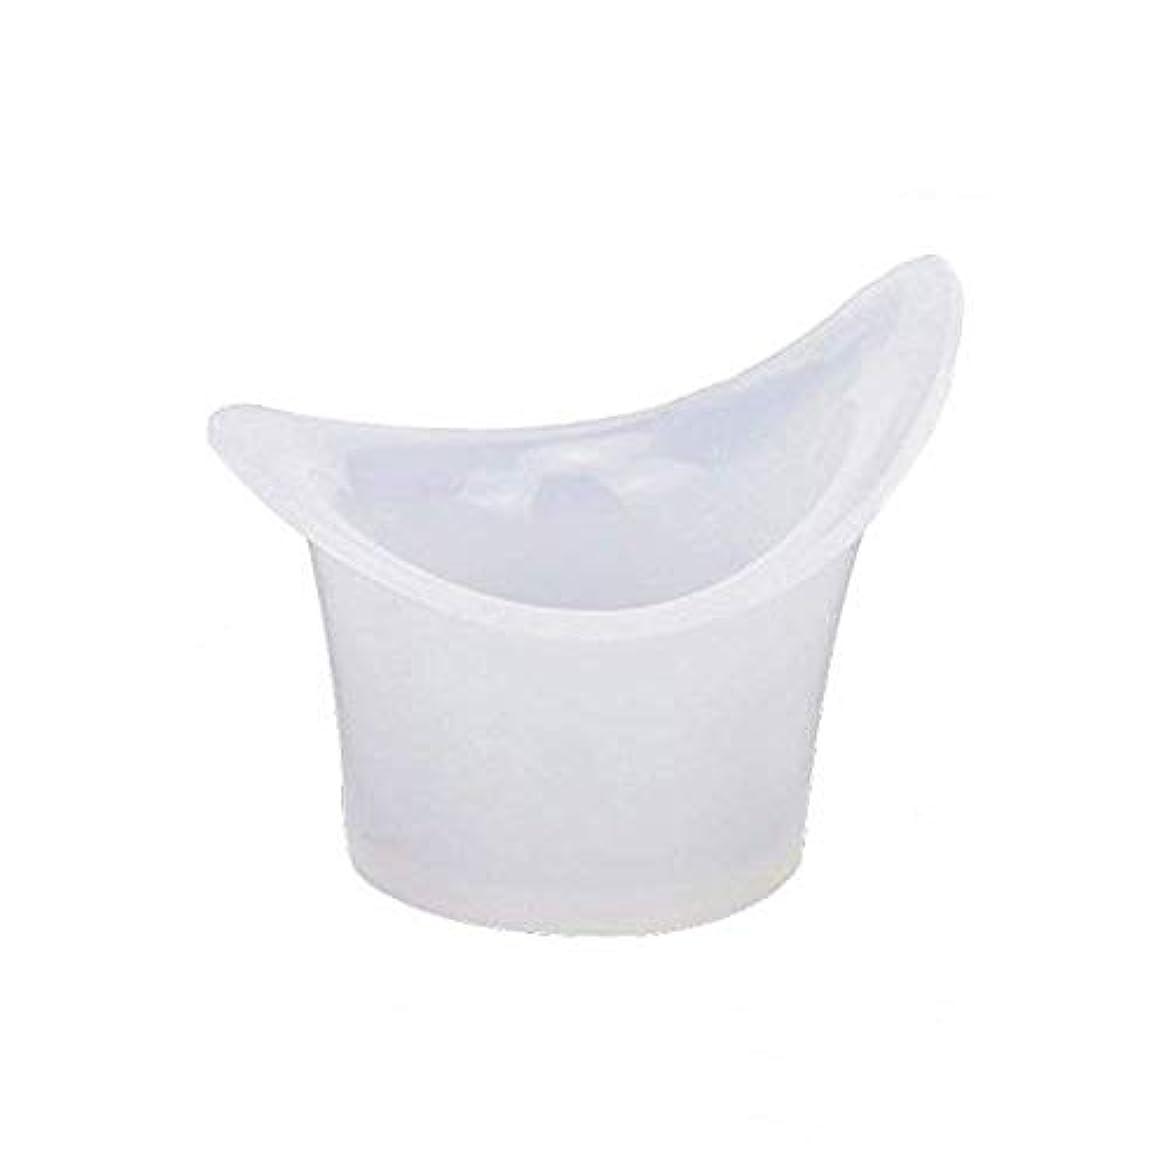 動かない薬を飲む懲戒2個セット目洗イカップ う クリーニングカップシリコーン製洗眼目盛り目洗浄